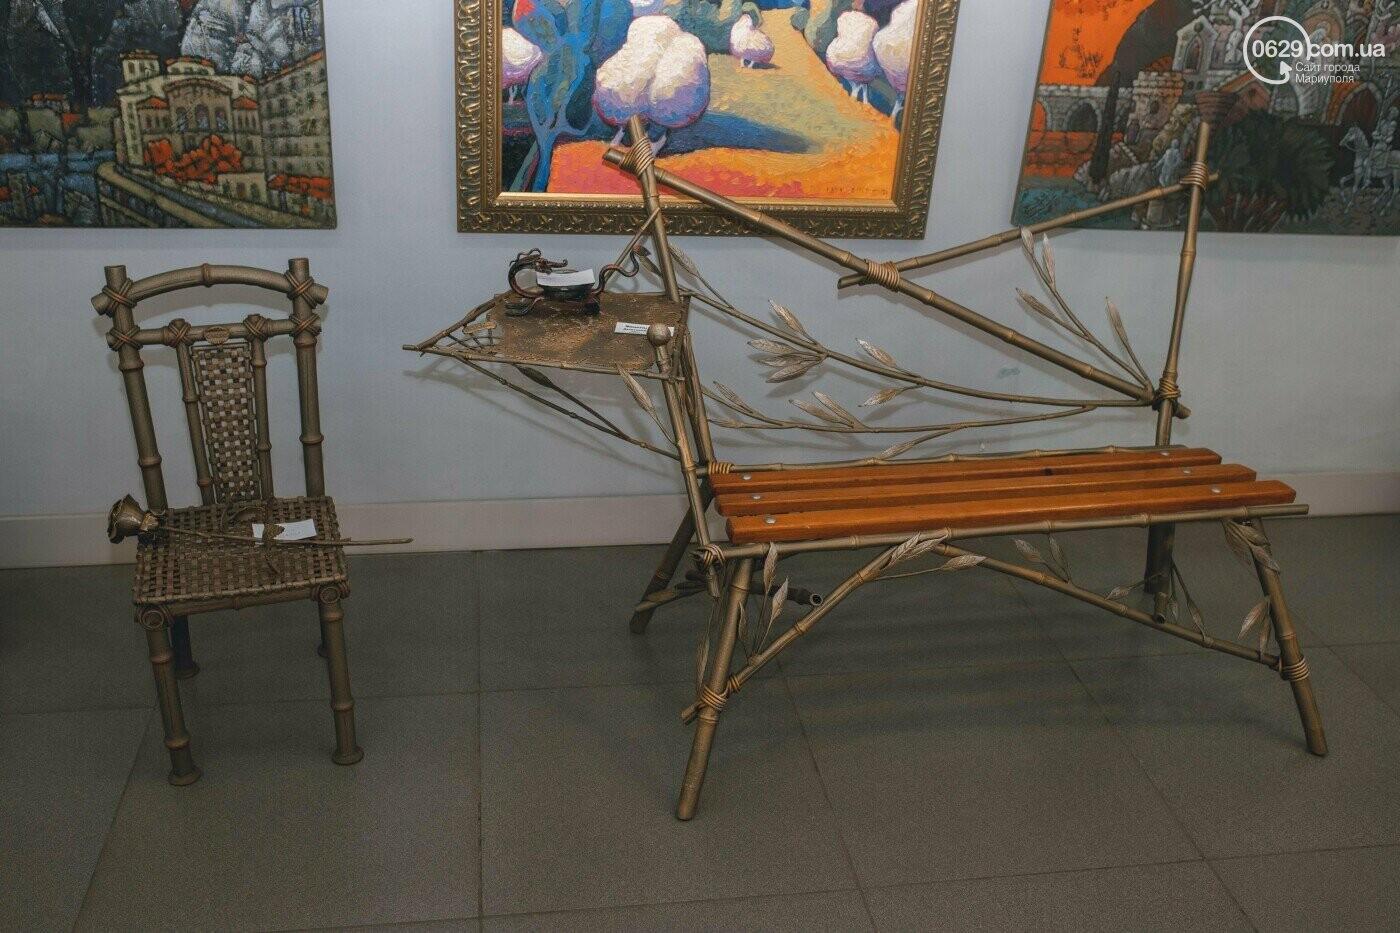 Ковані черепи, пірати та пальми. У Маріуполі відкрилася нова виставка, - ФОТО , фото-16